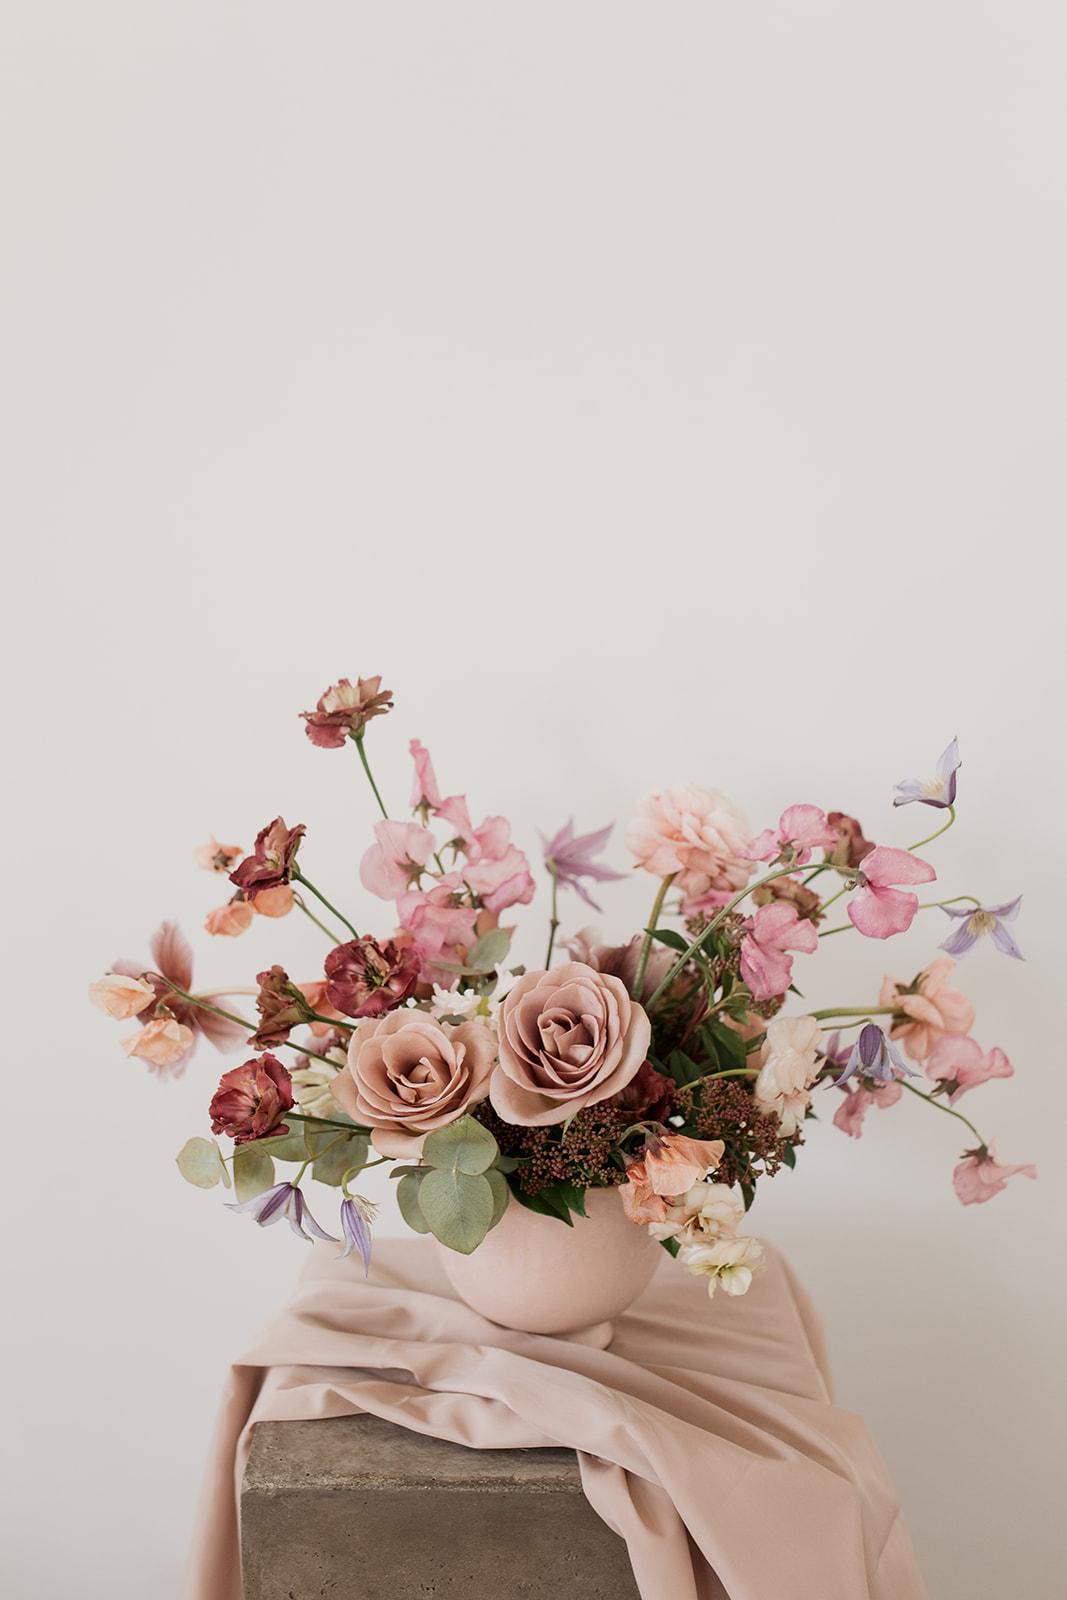 Splendor of Eden x Trille Floral